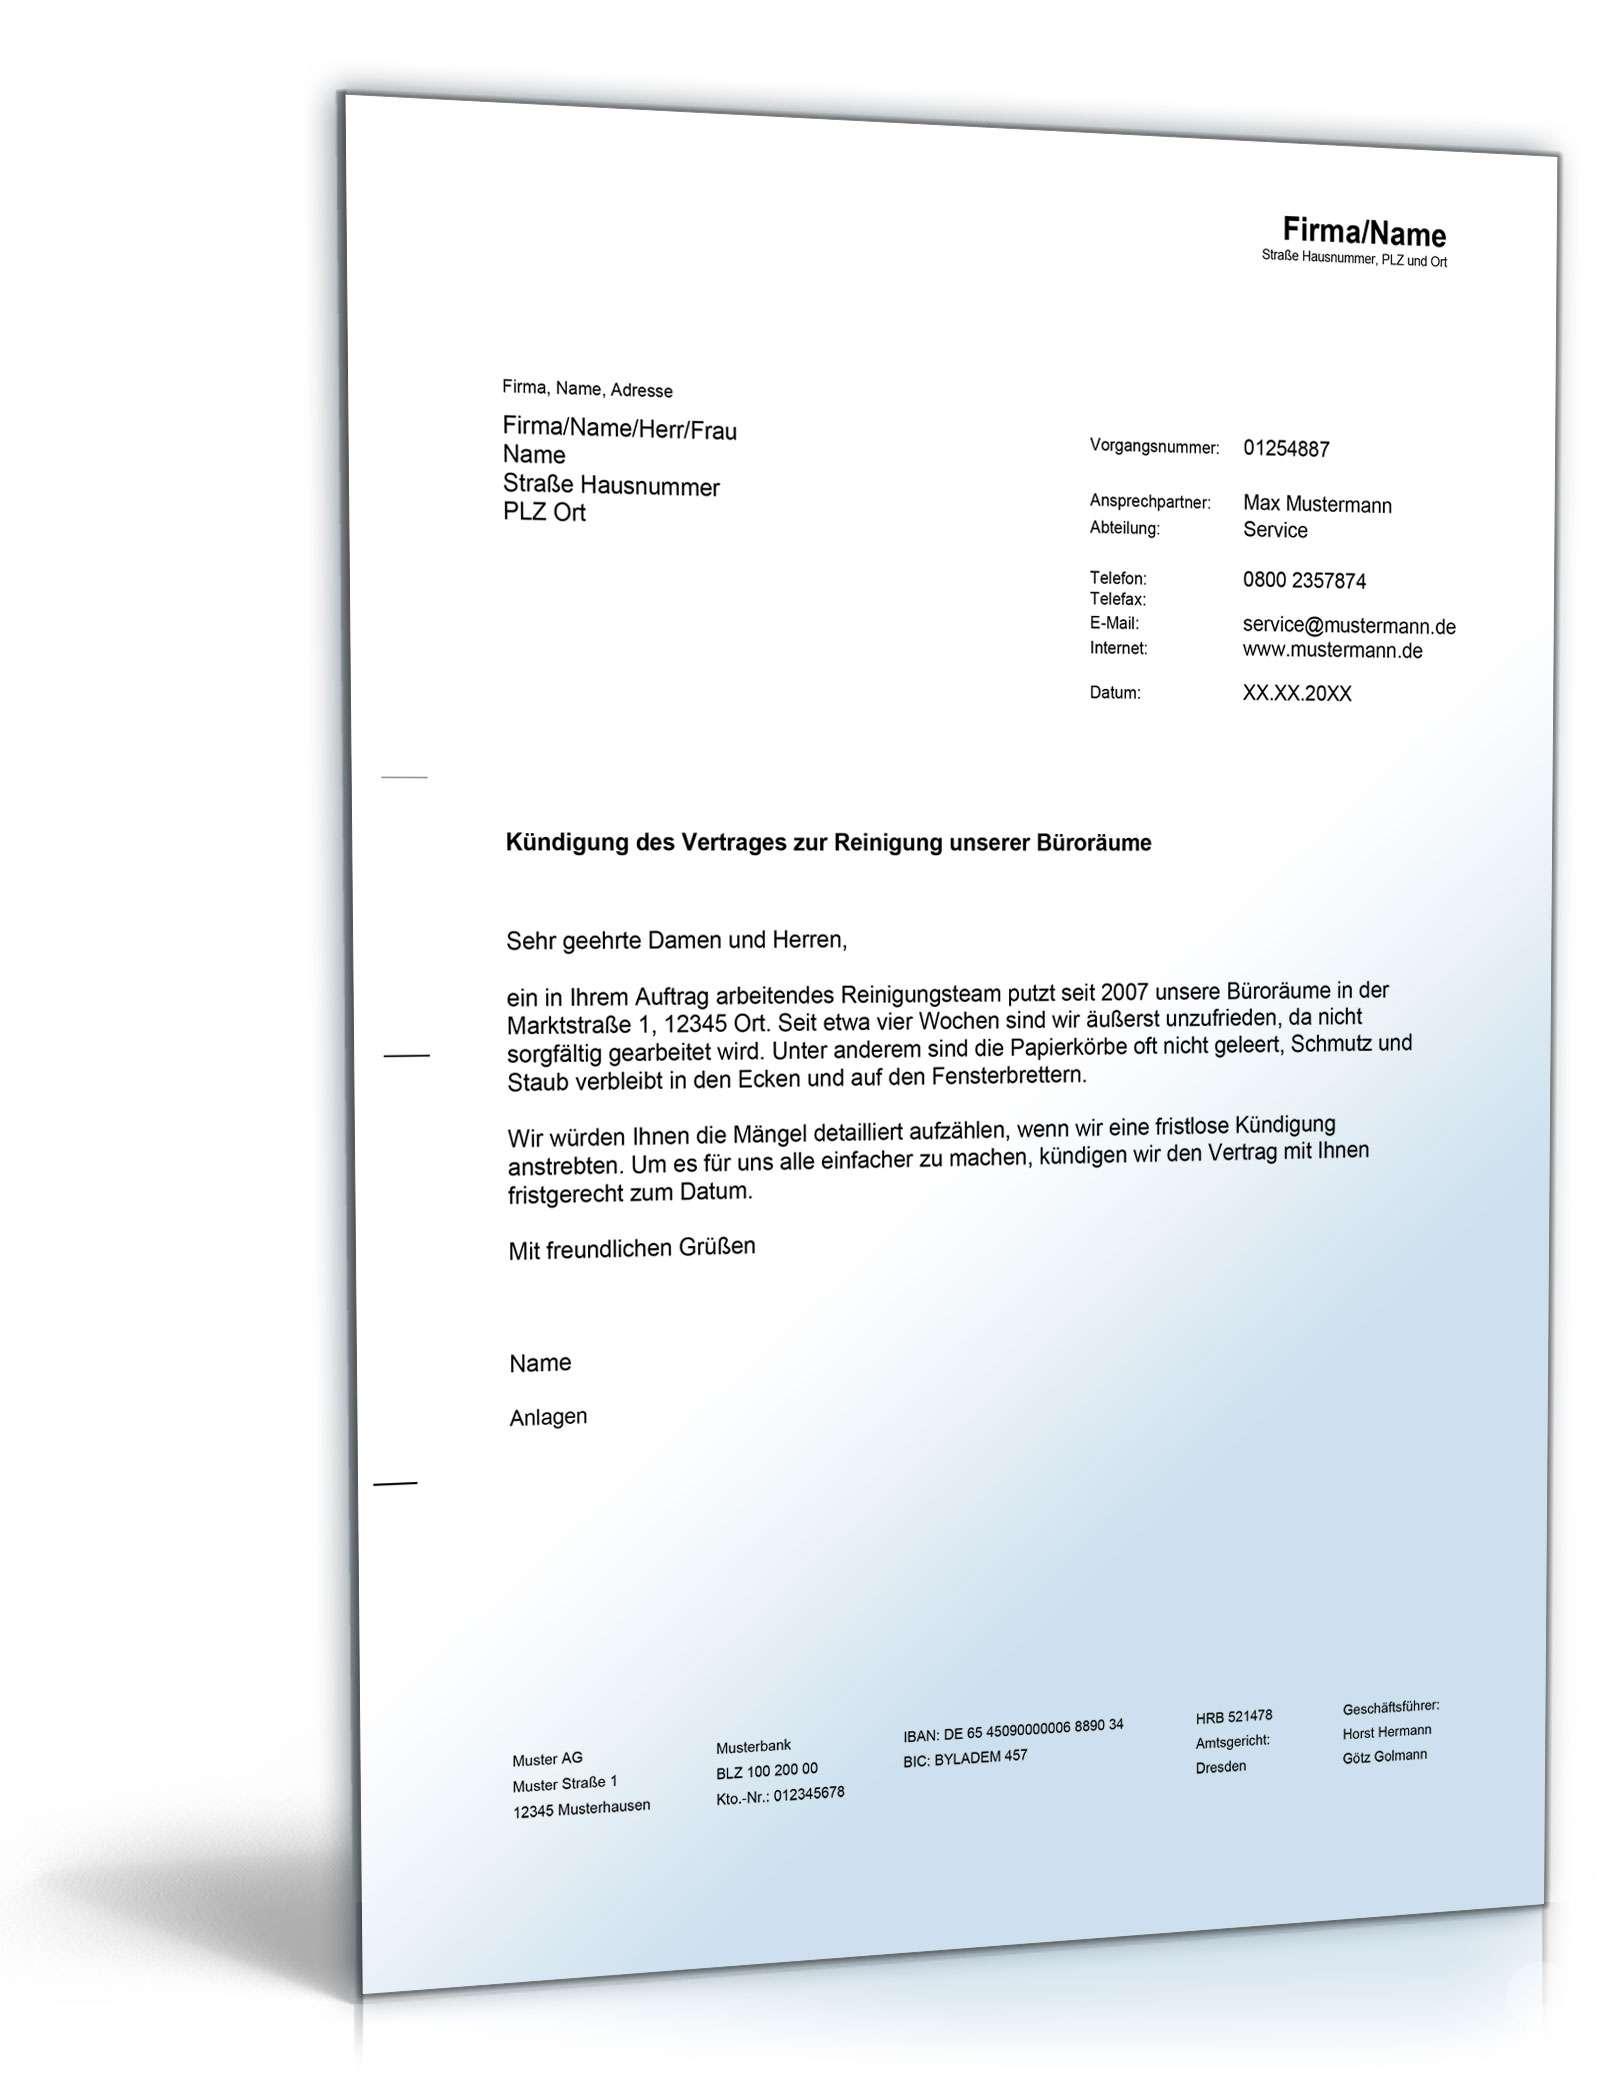 Kündigung des Reinigungsdienstes • DE Musterbrief Download